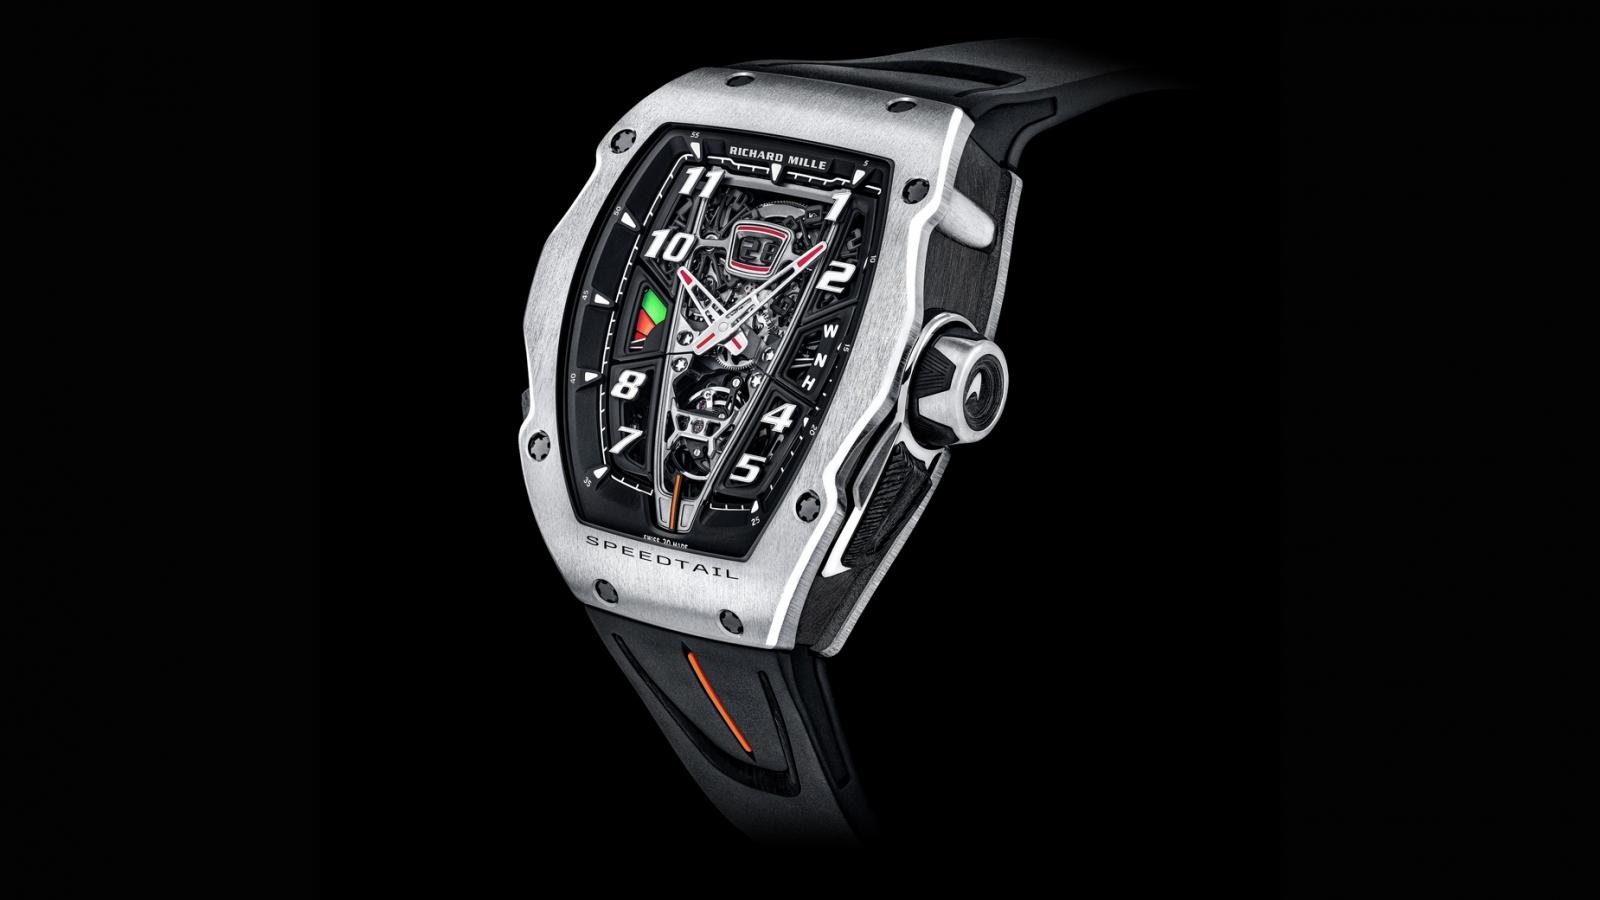 Richard Mille ra mắt chiếc siêu đồng hồ hợp tác với McLaren hơn 23 tỷ đồng